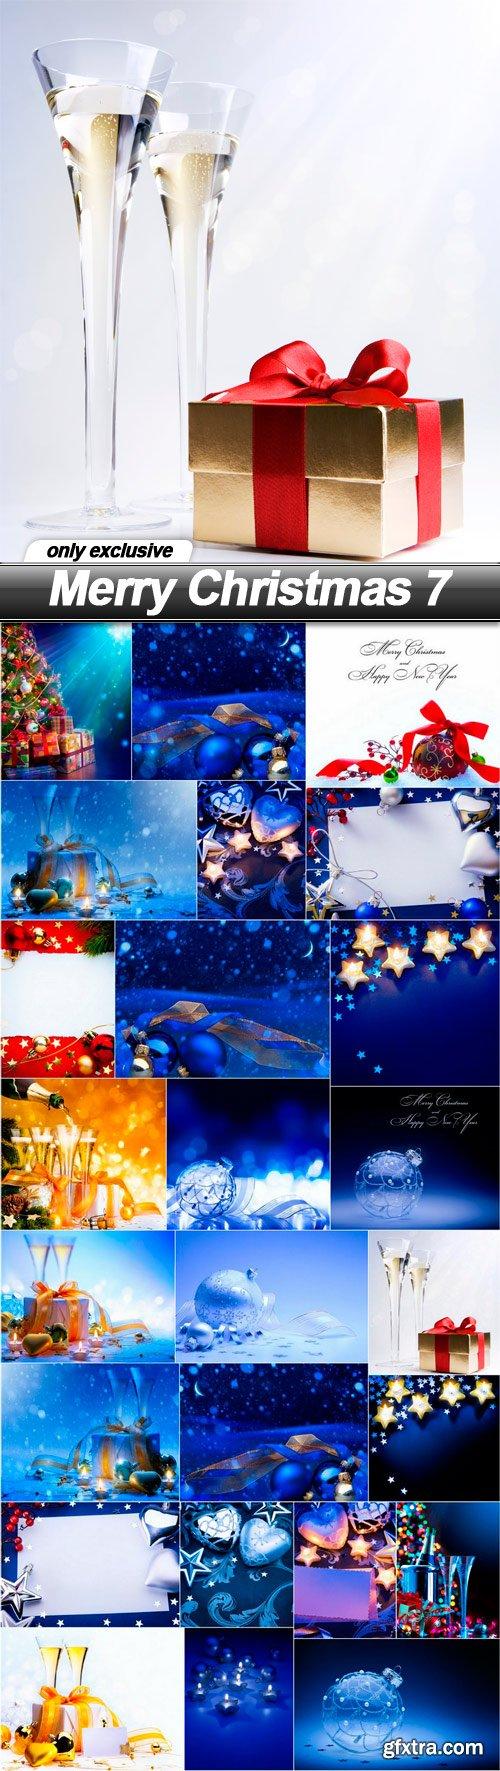 Merry Christmas 7 - 25 UHQ JPEG